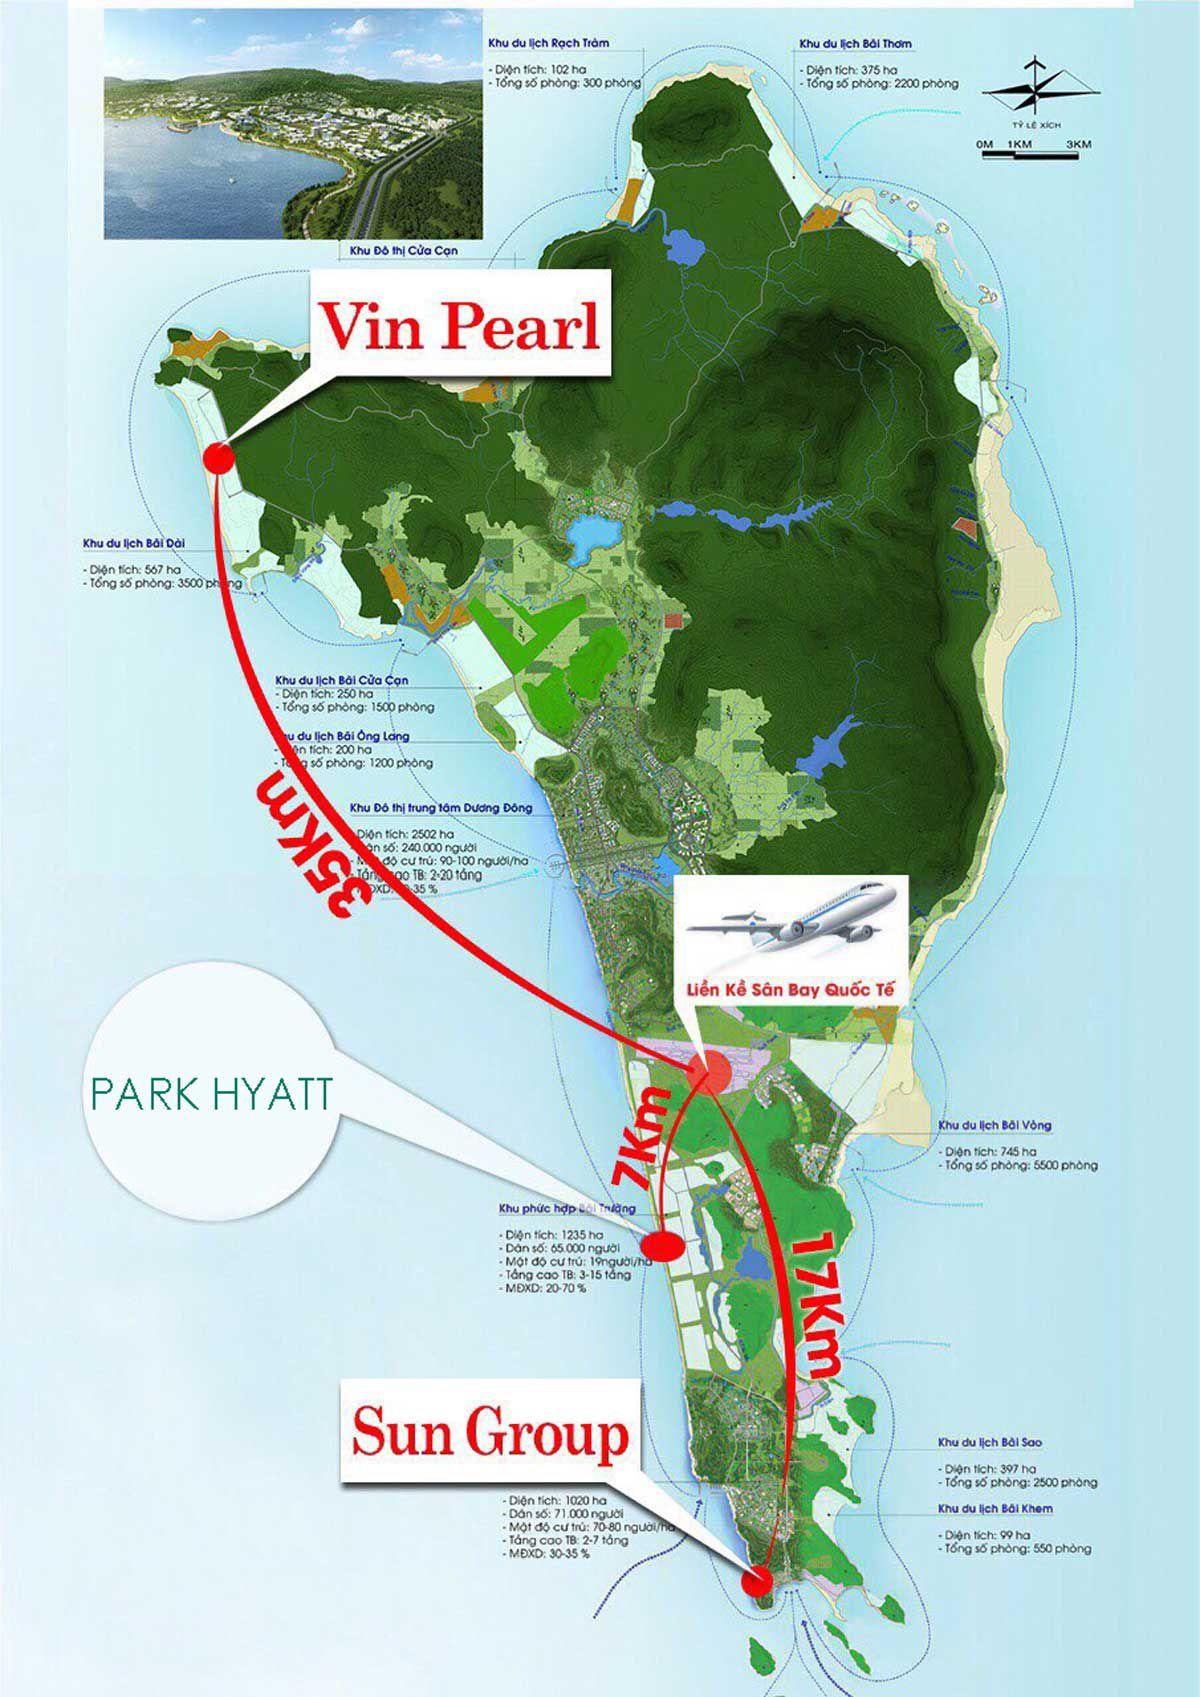 Park Hyatt Phú Quốc có phải là sự lựa chọn phù hợp?